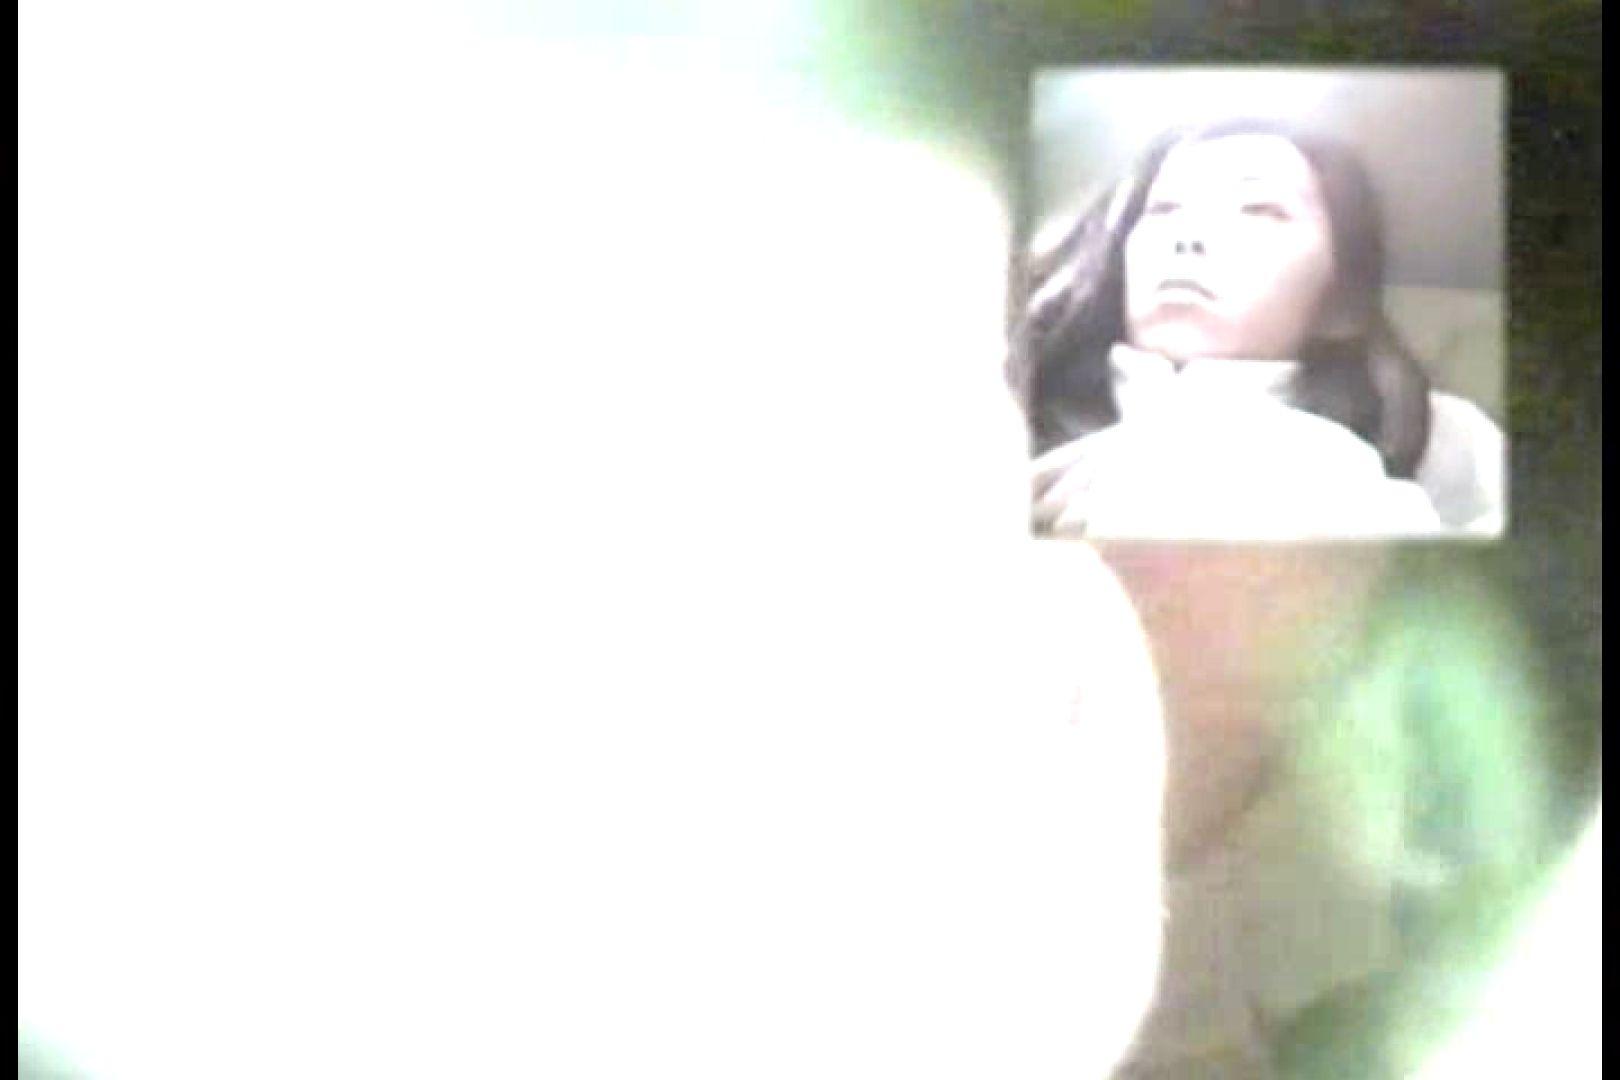 高画質版!SPD-072 PEEPING WC SPY-CAM 総集編SPECIAL プライベート 隠し撮りセックス画像 100画像 5